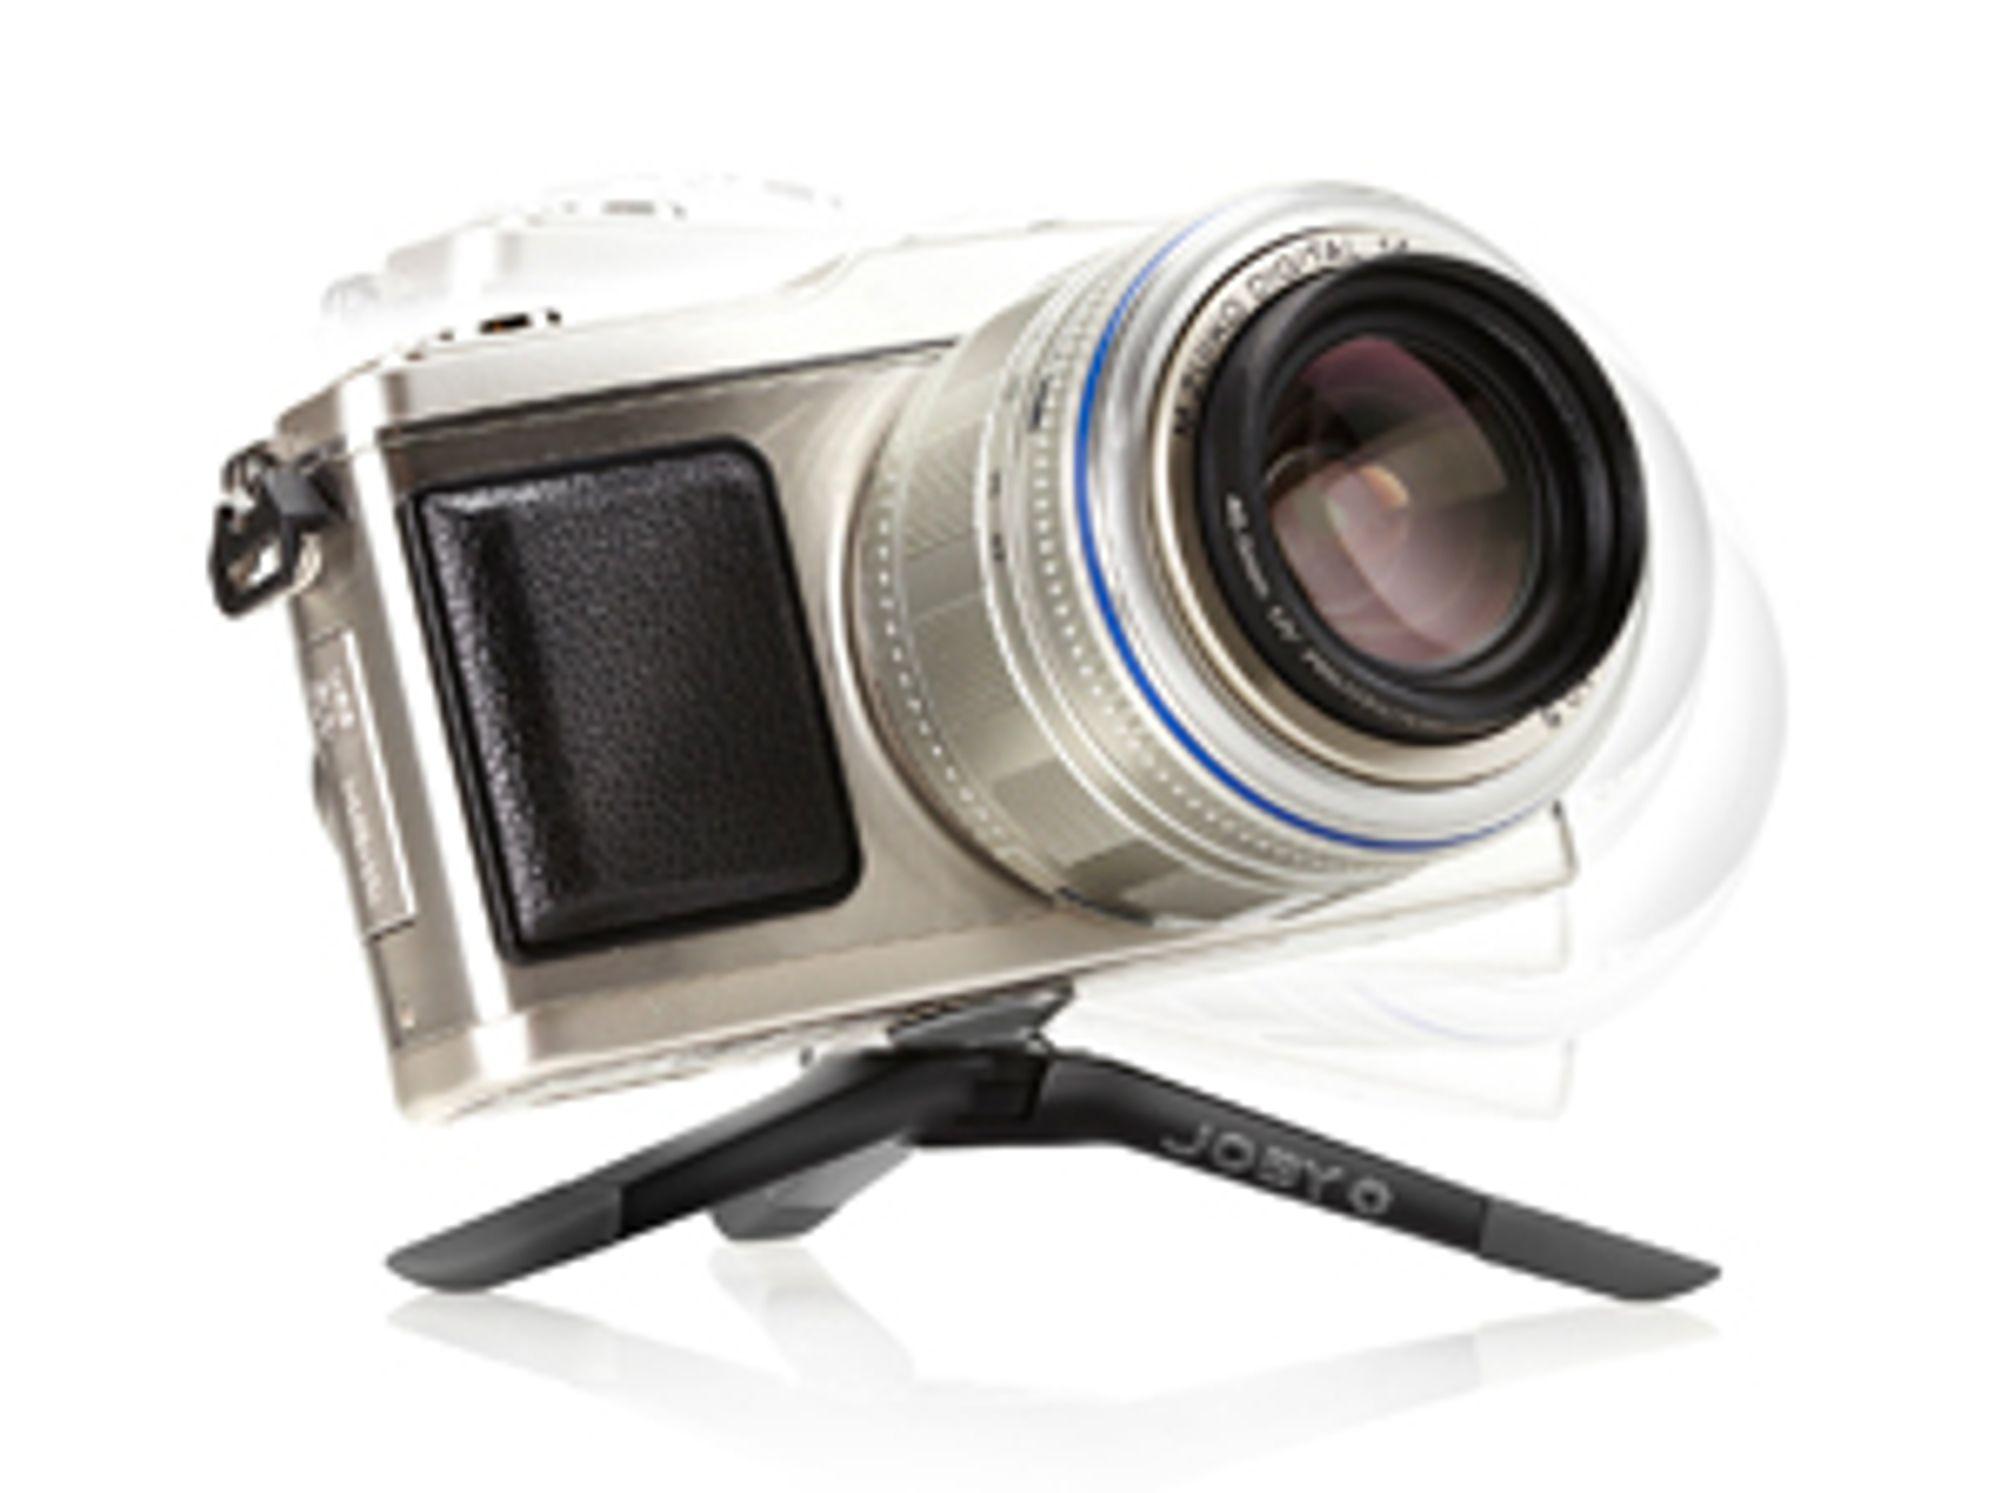 Stativet Gorillapod Micro 800 er lite nok til å ligge permanent i kamerabagen. (Nei, kameraet følger ikke med.).